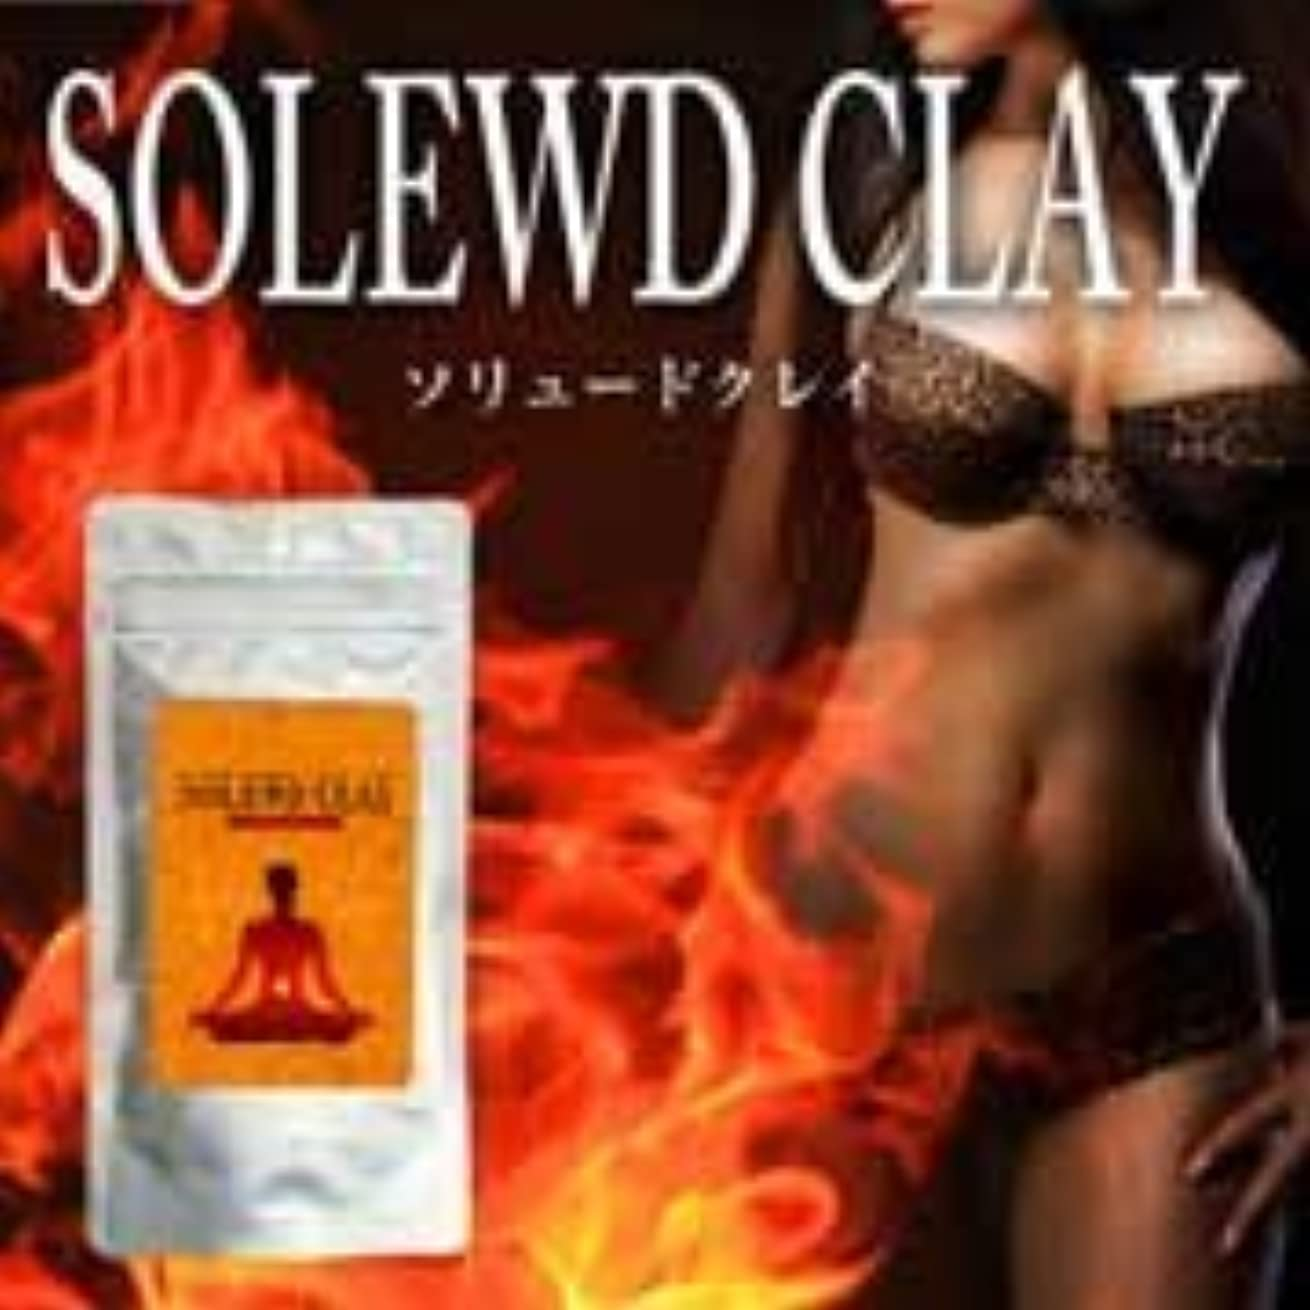 芽出会いアセ【SOLEWD CLAY ソリュードクレイ】